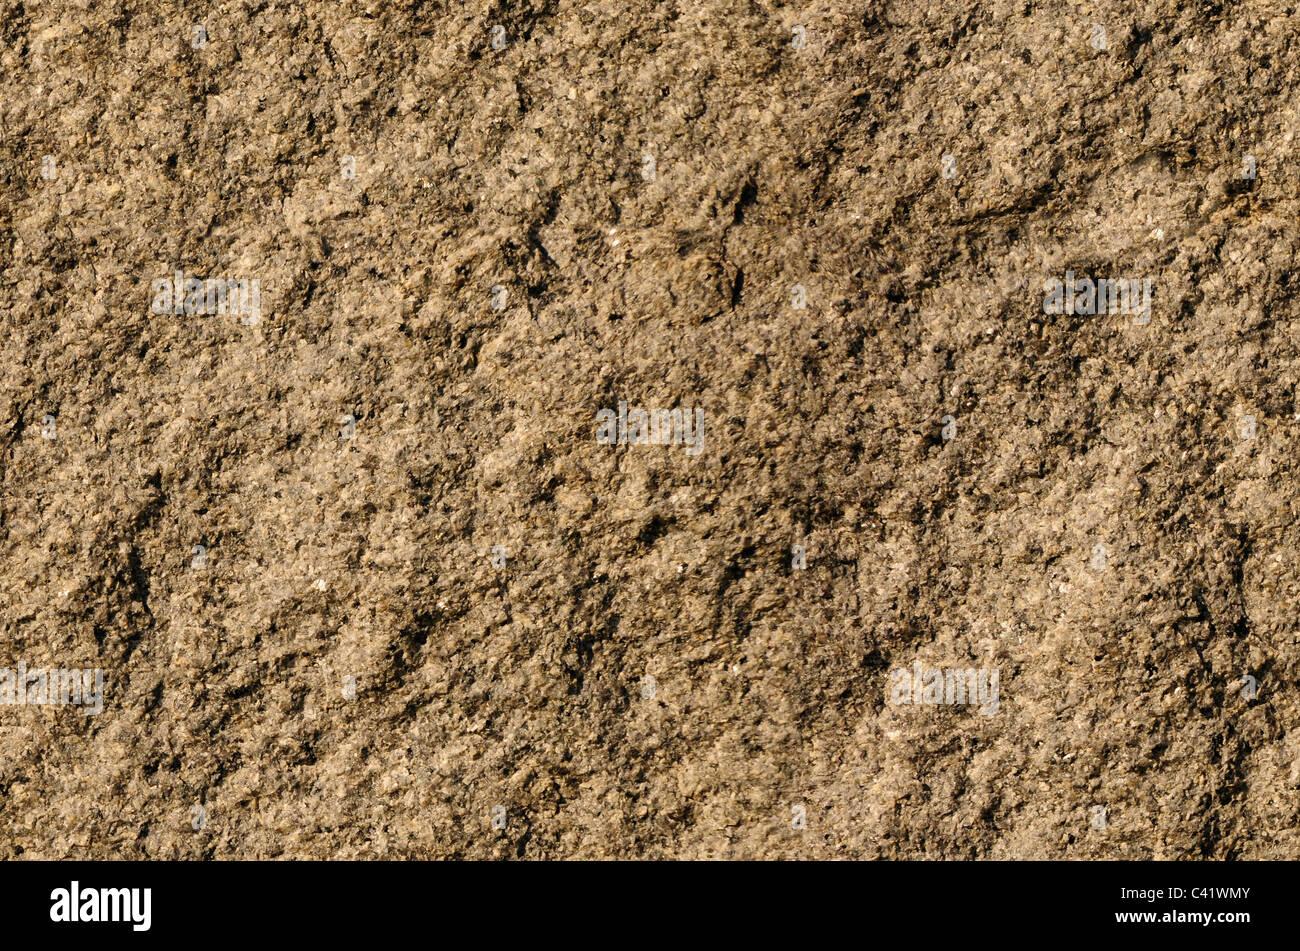 Grauer Stein Oberflächenstruktur Hintergrund strukturiert Stockbild